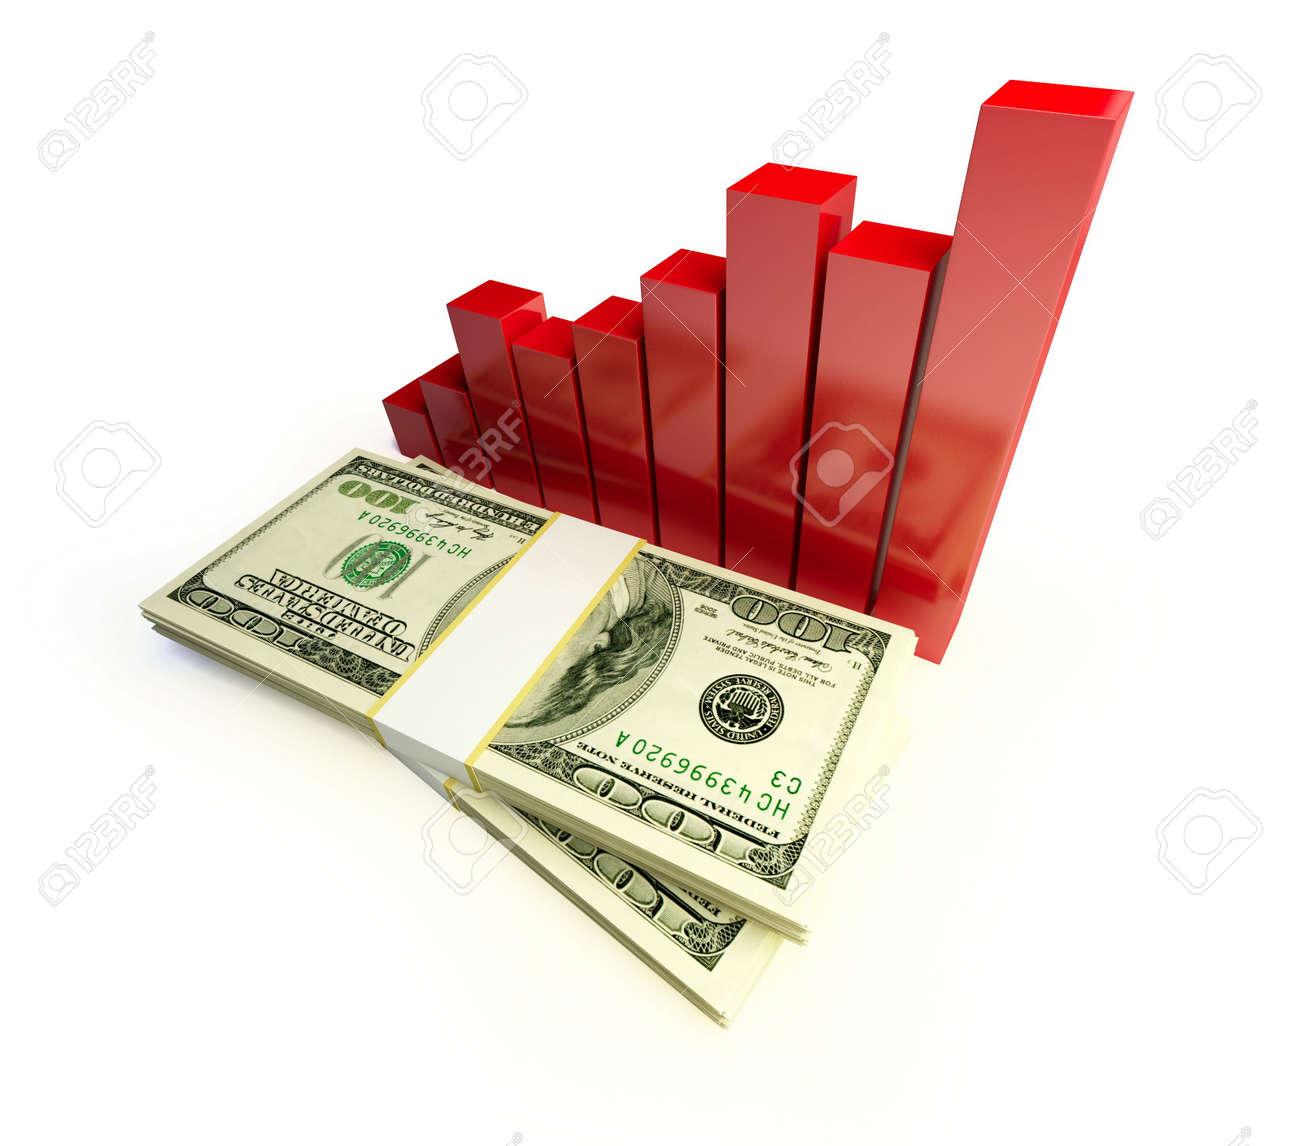 cash diagram Stock Photo - 6341253